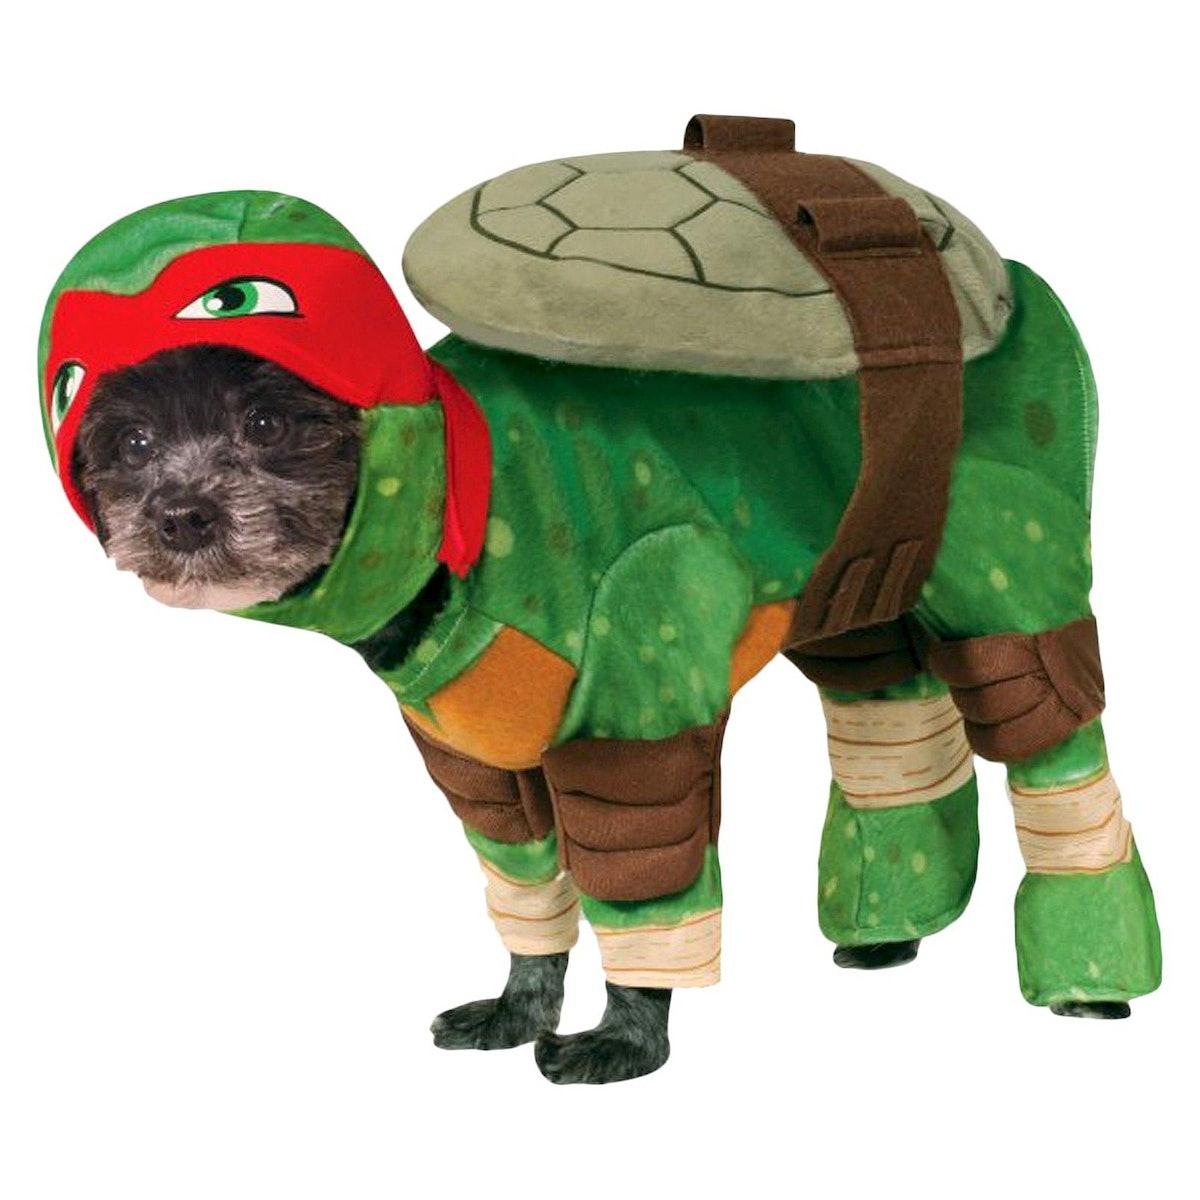 Teenage Mutant Ninja Turtles Raphael Dog Costume - Green